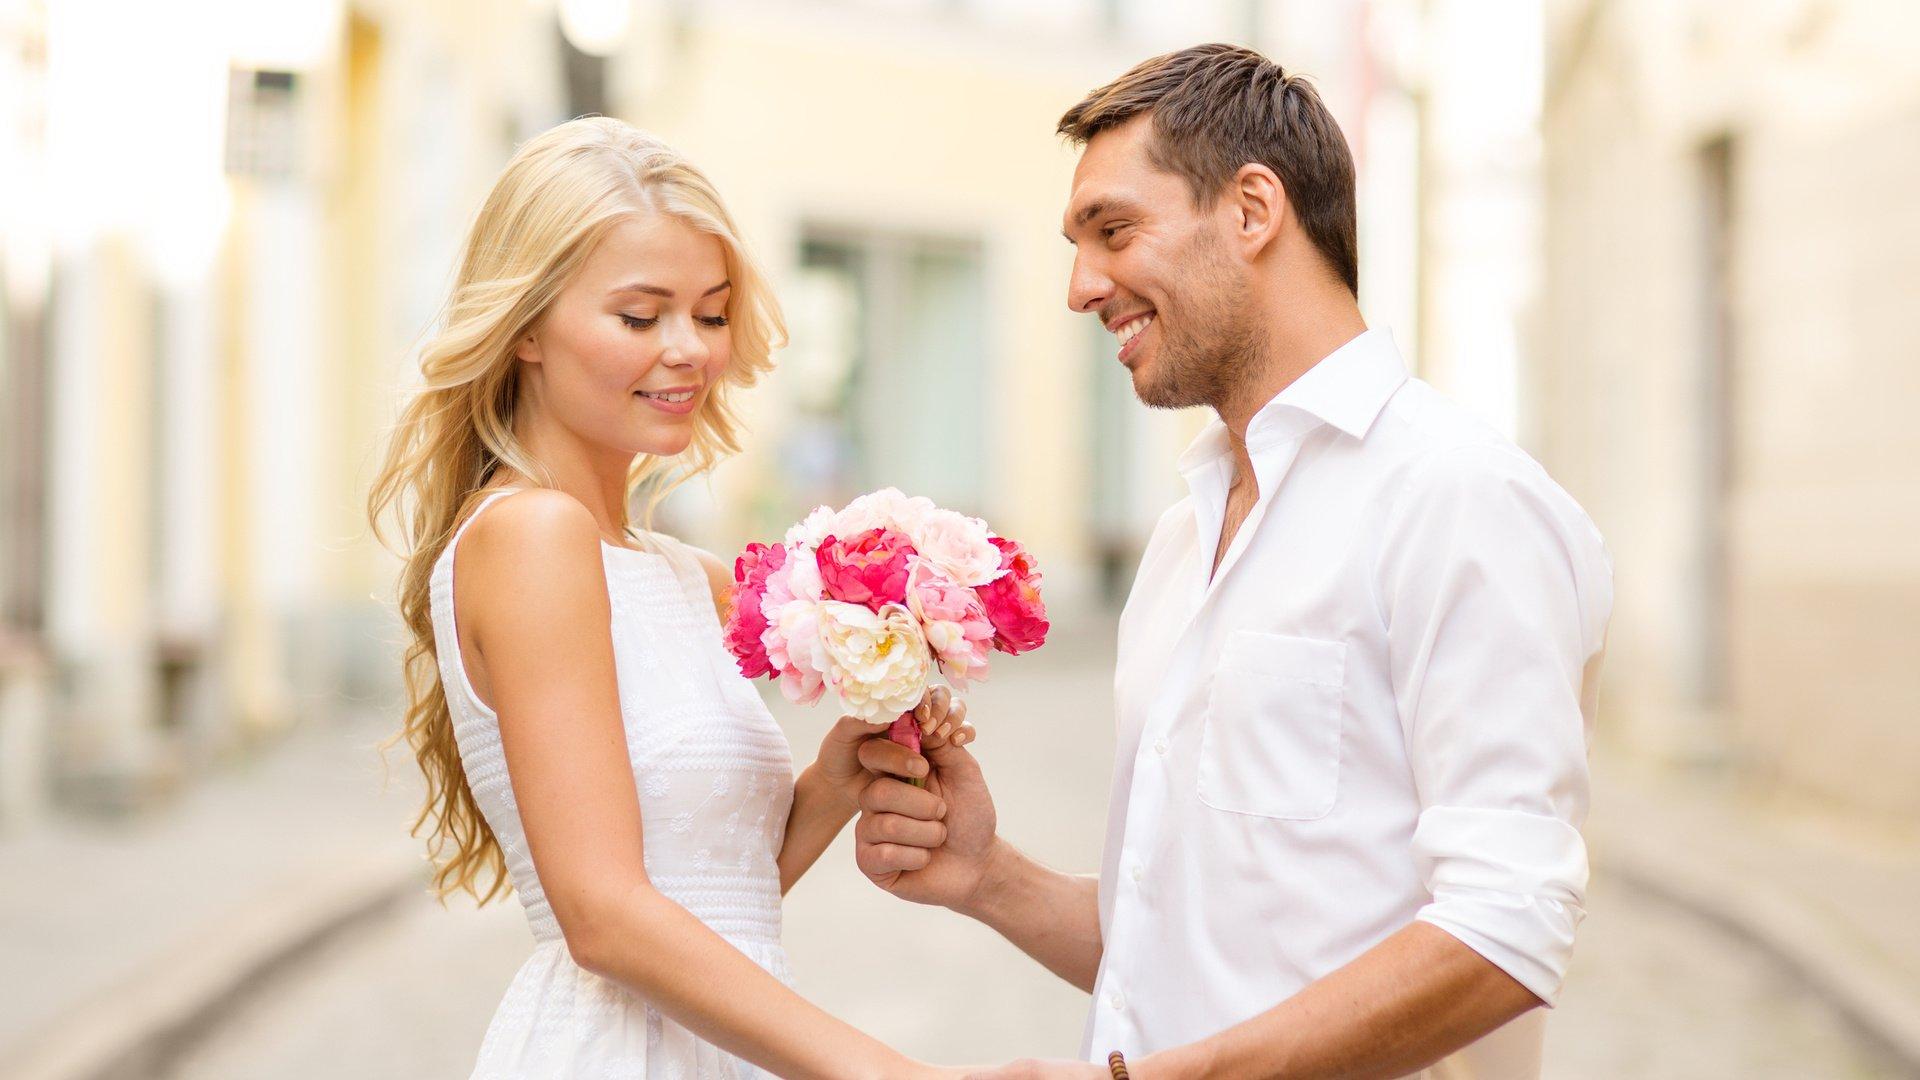 надо ли приглашать незнакомых людей на свадьбу